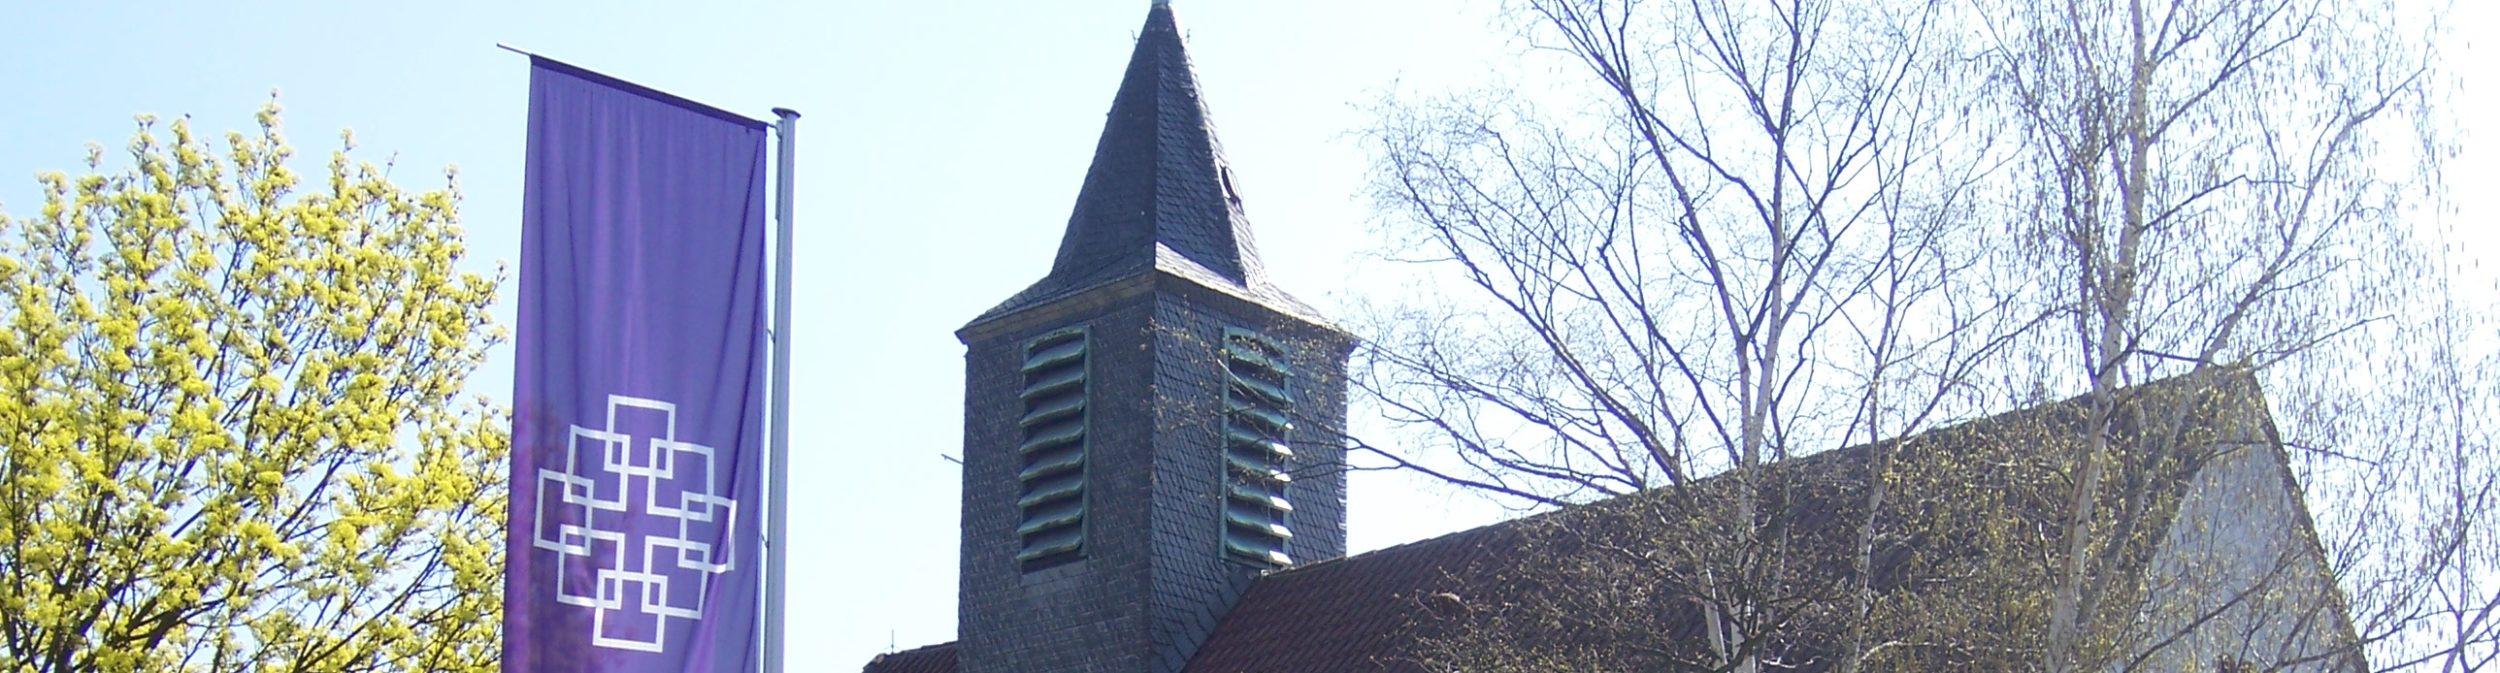 Förderverein der Ev. Kirchengemeinde in Mainz-Finthen e.V.